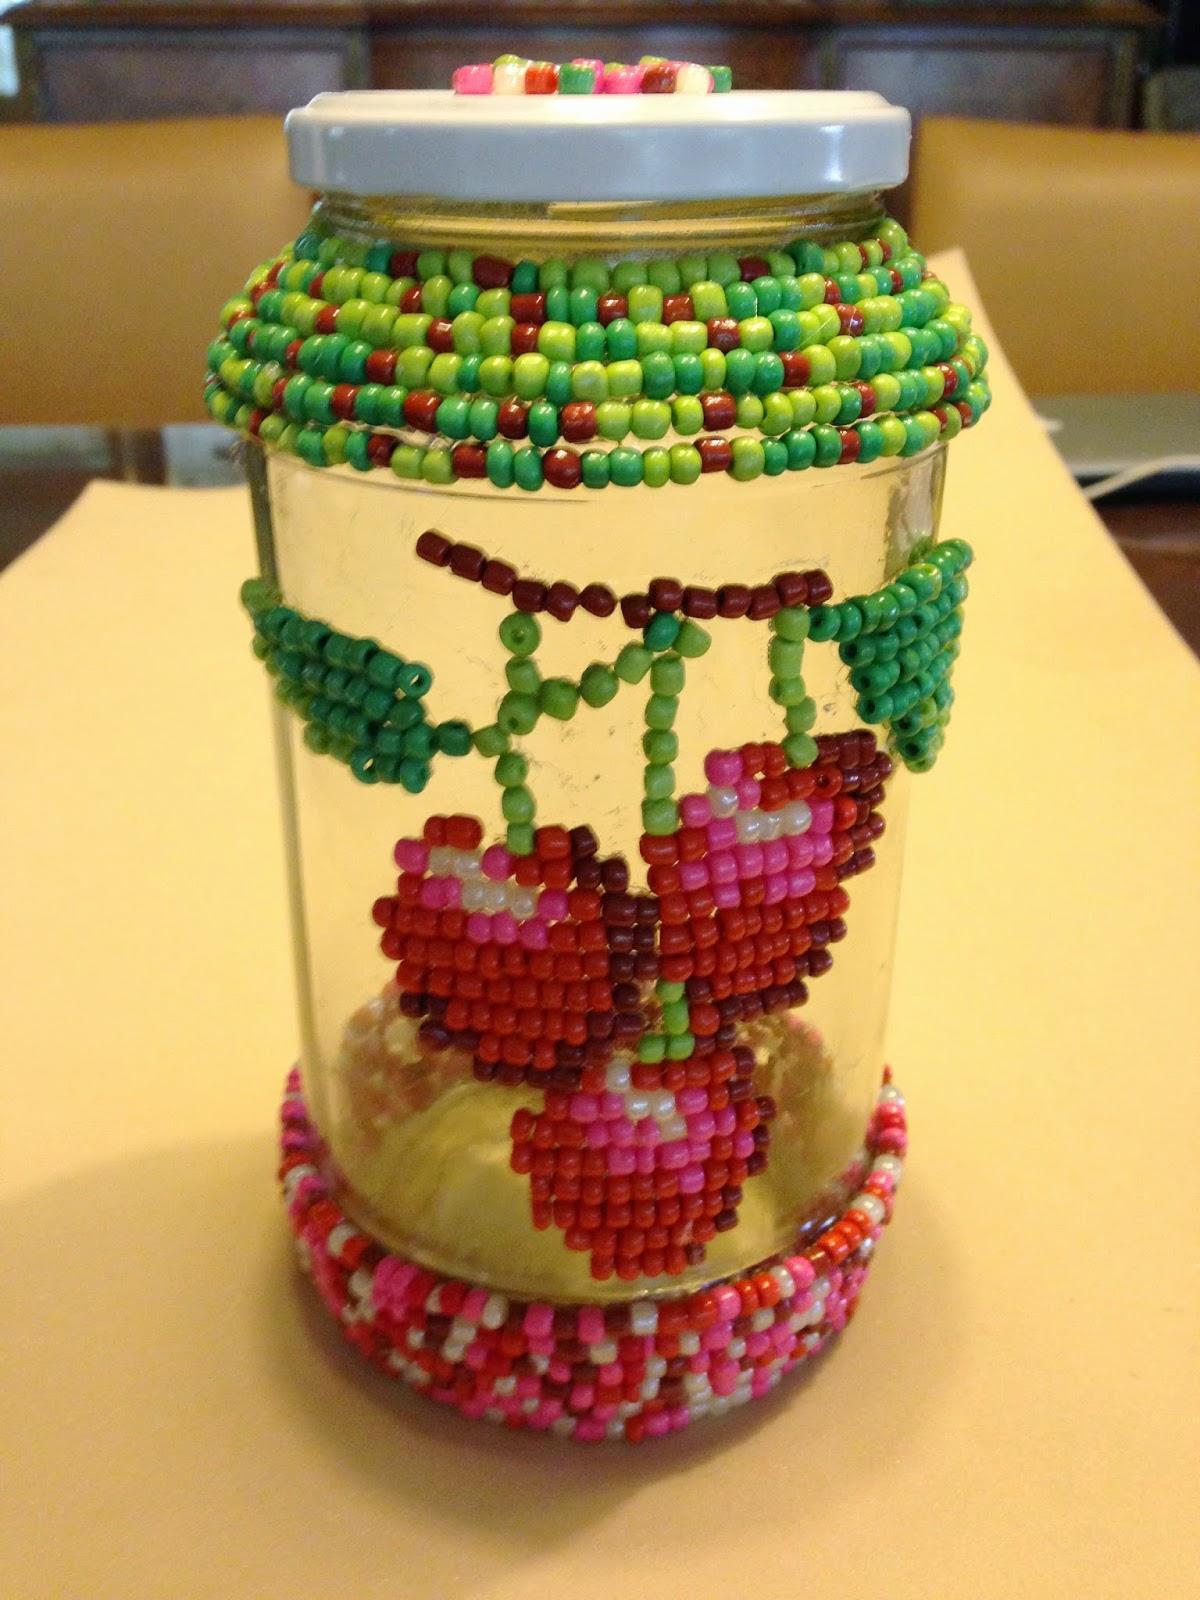 By disfruta creando 7 46 no comments for Decoracion de frascos de vidrio para cocina